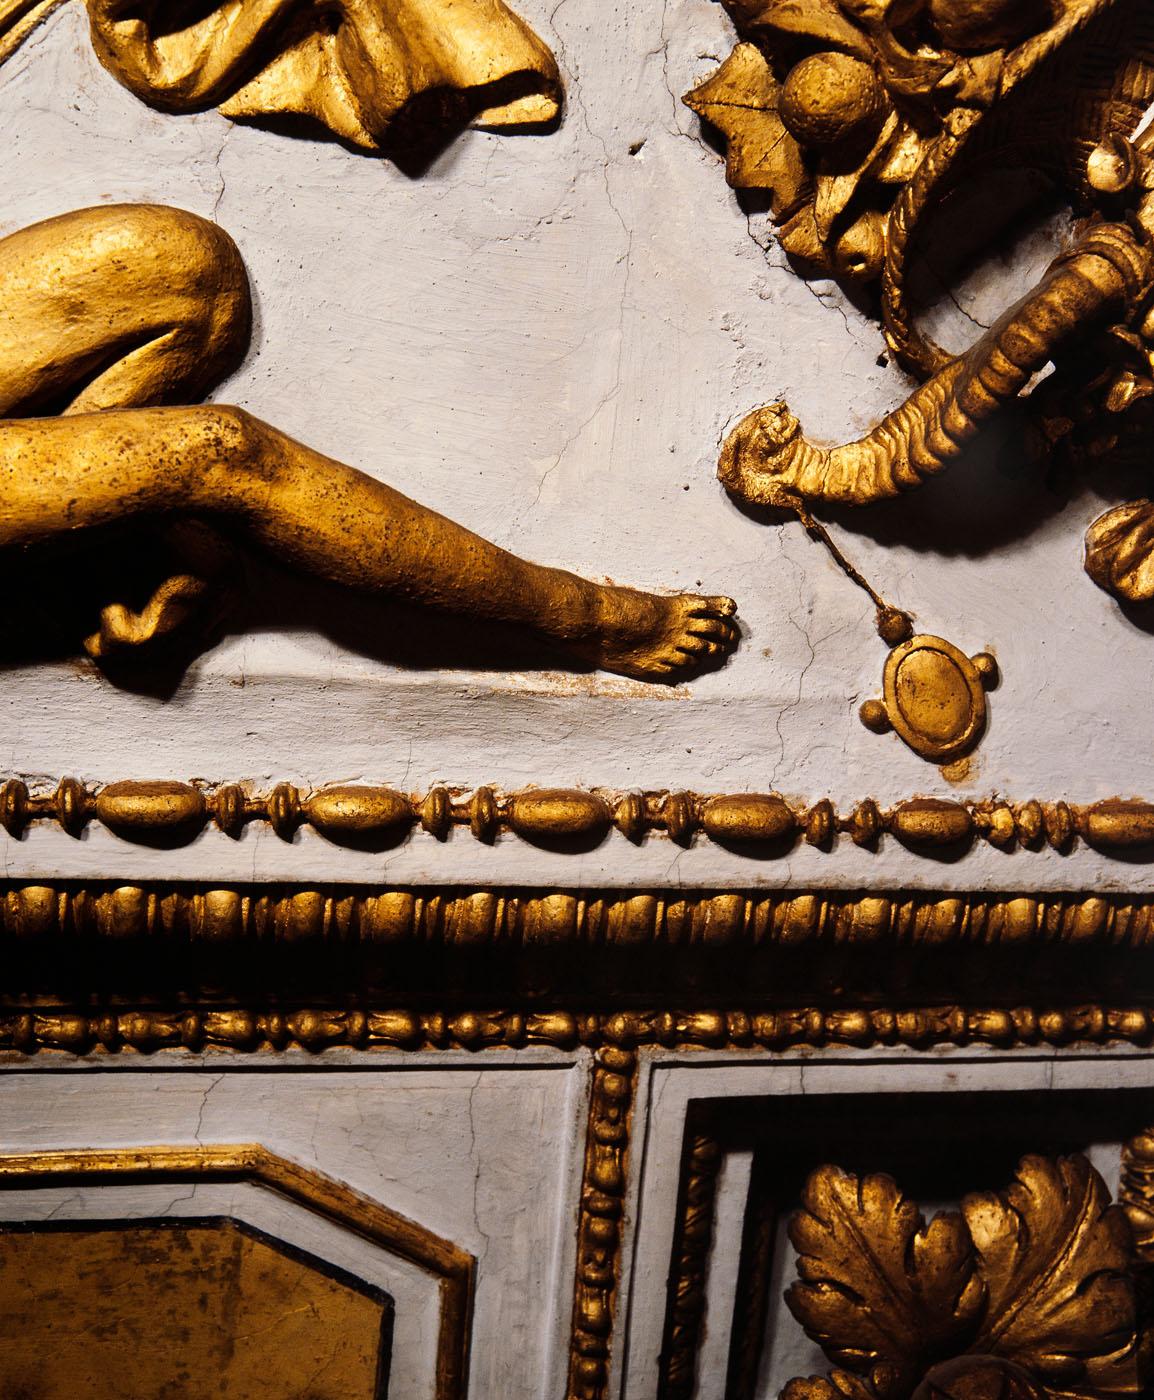 Episodi della vita di Alessandro Magno, episodi della vita di San Paolo, figure allegoriche, virtù e imprese farnesiane (decorazione plastico-pittorica, complesso decorativo) di Bonaccorsi Pietro detto Perin del Vaga, Pellegrini Pellegrino detto Pellegrino Tibaldi, Siciolante Girolamo (sec. XVI)